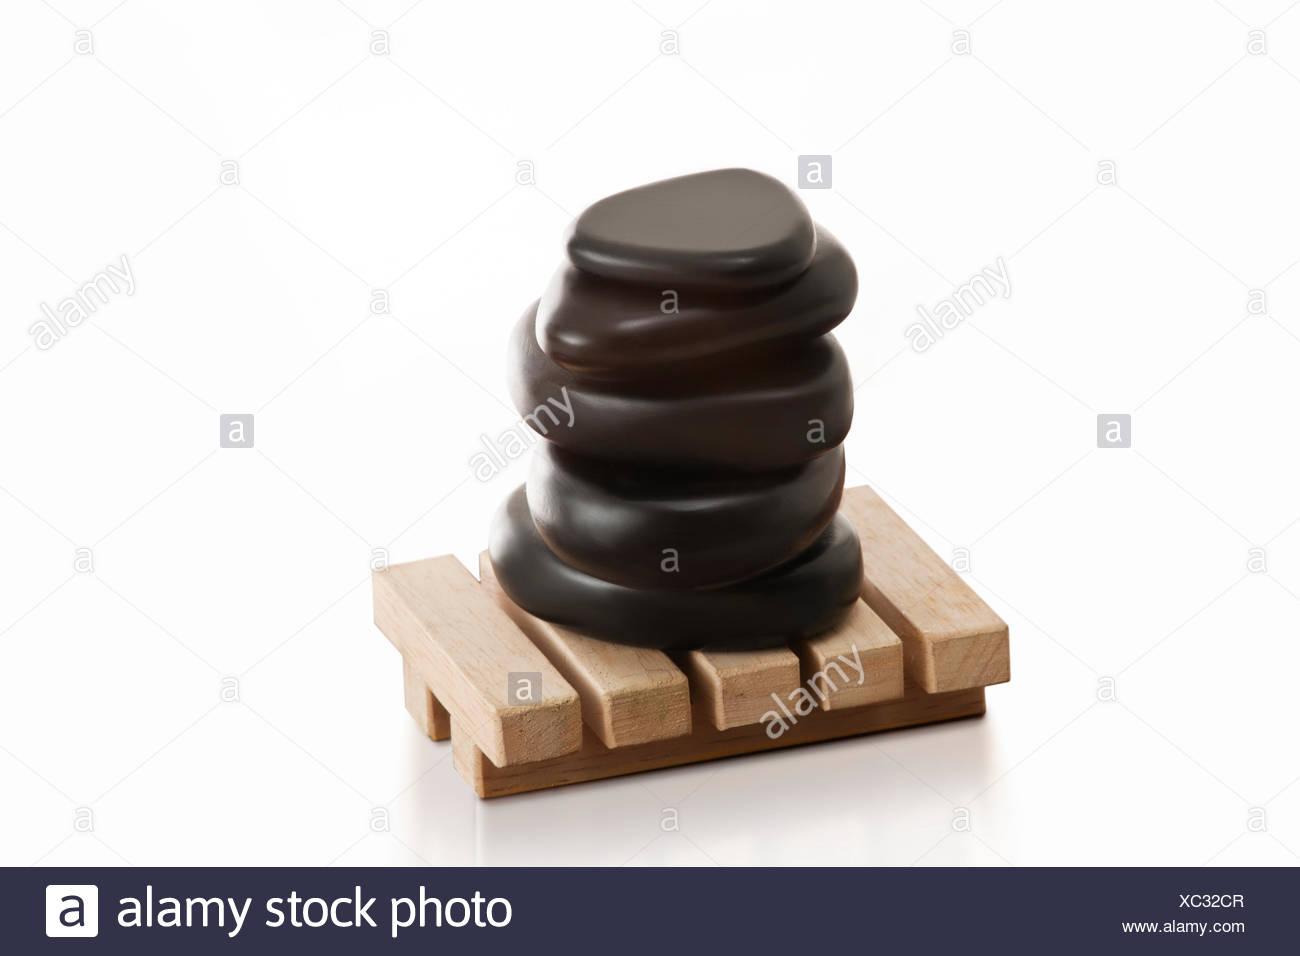 Stacked massage stones on wooden base - Stock Image